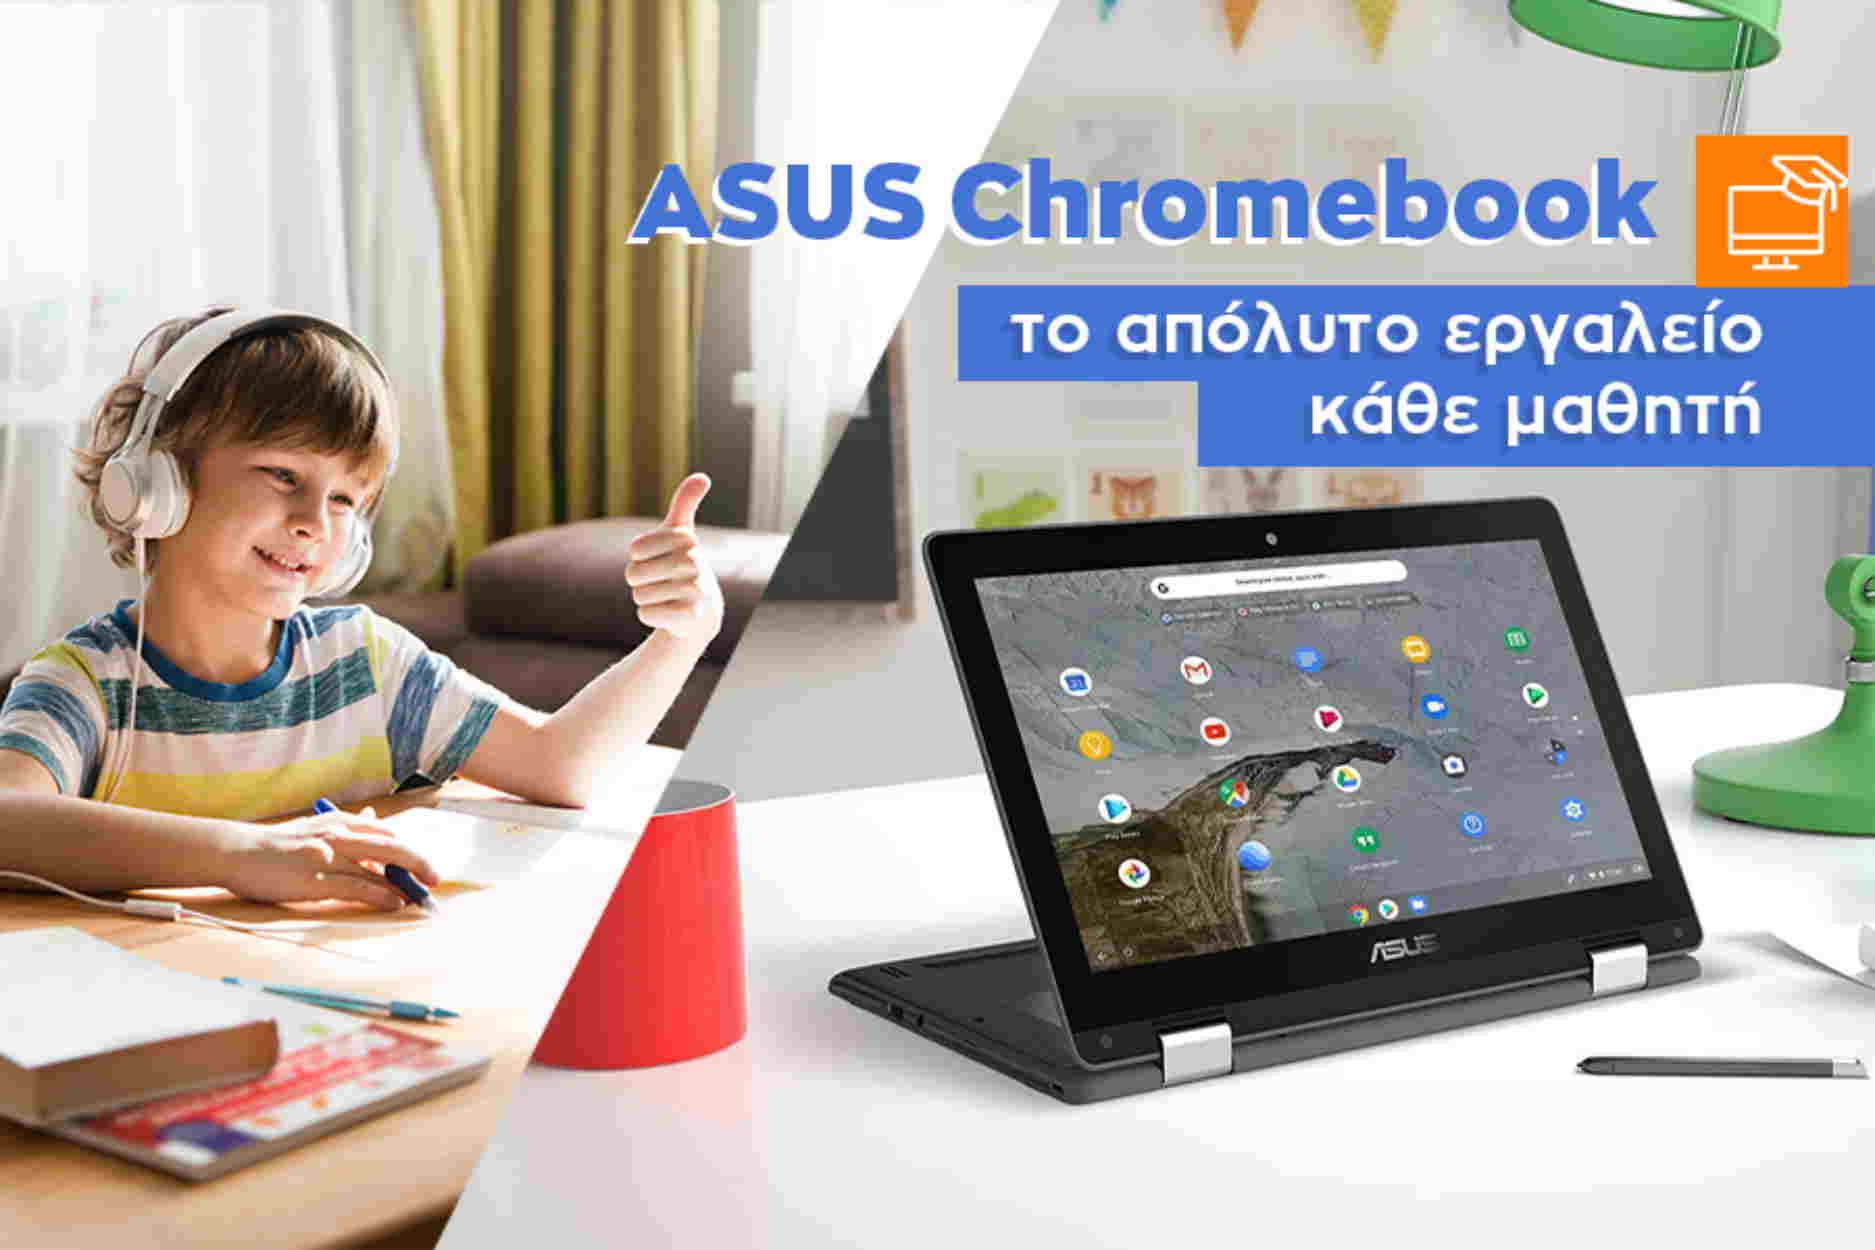 ASUS Chromebooks: Η ολοκληρωμένη λύση για μαθητές & φοιτητές σήμερα